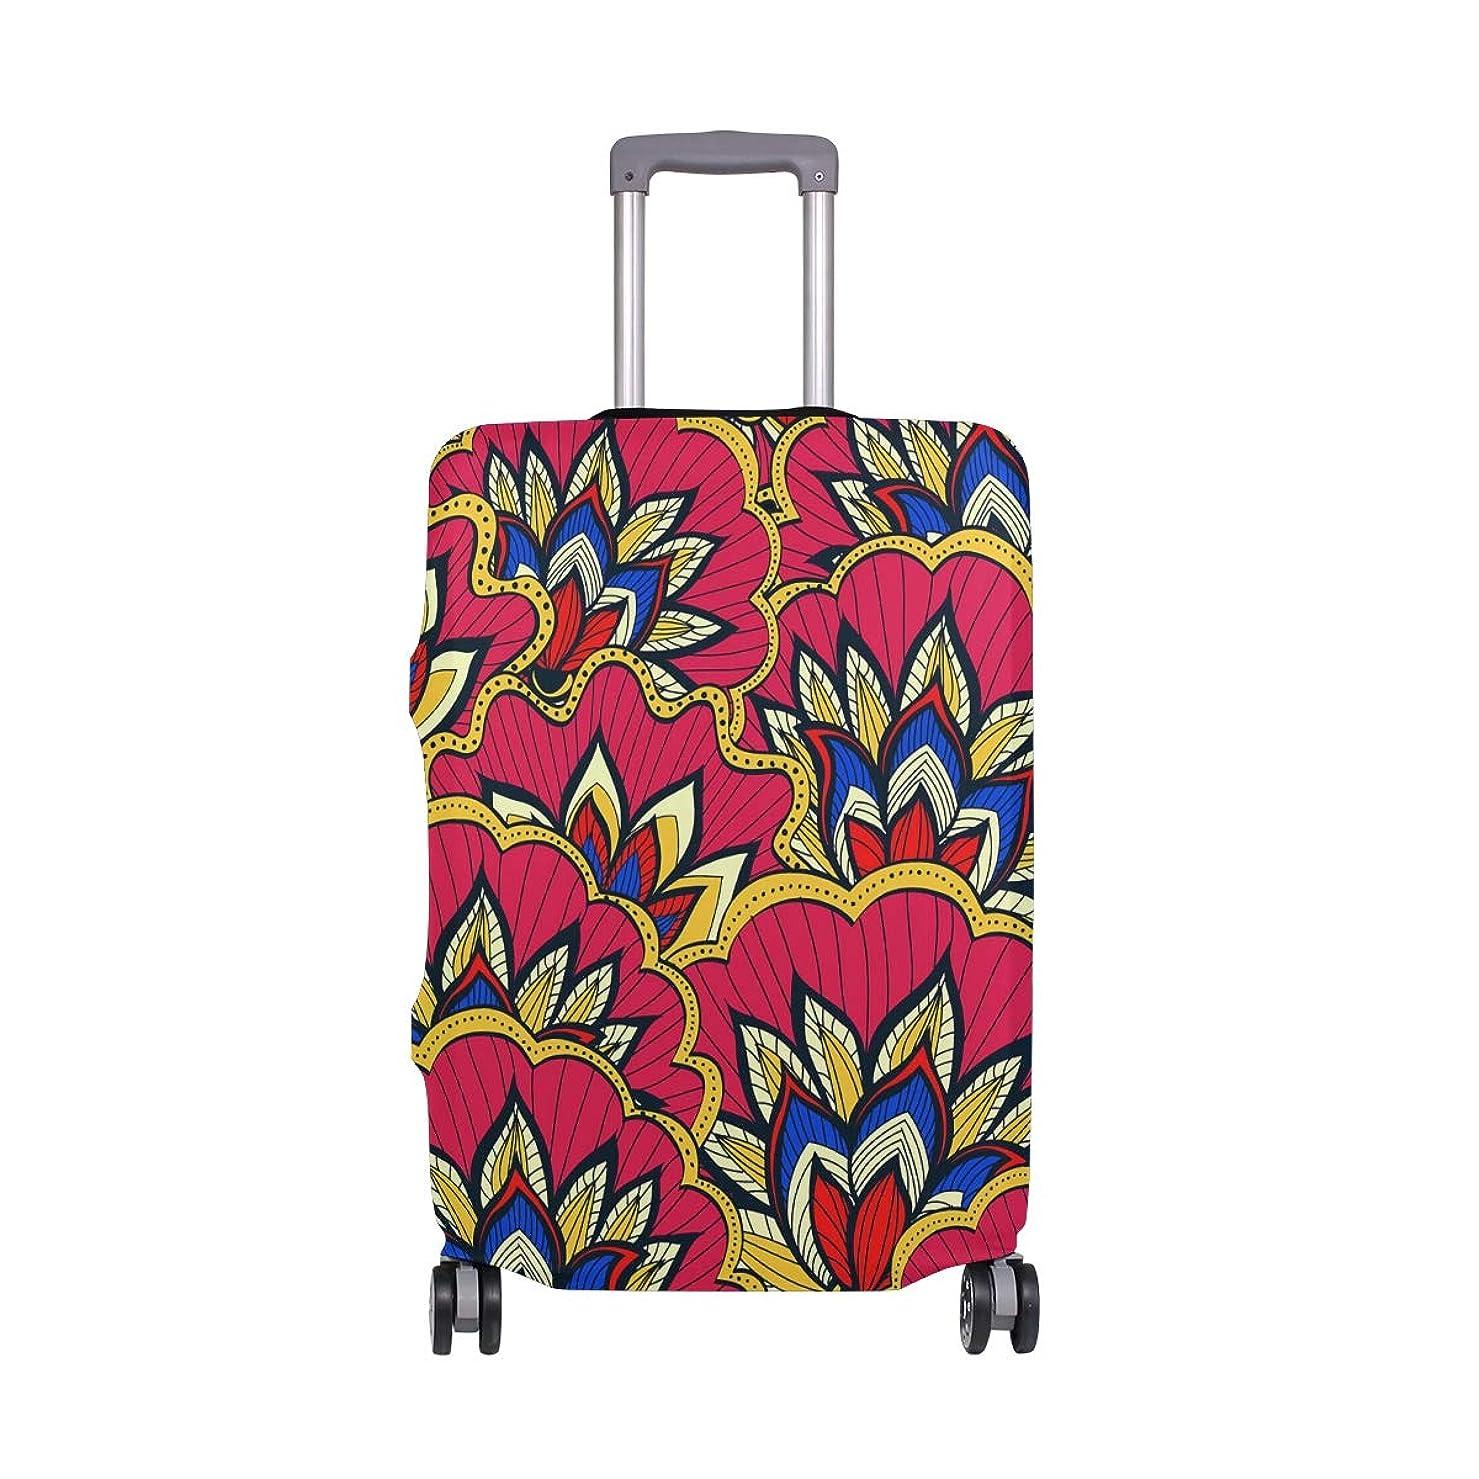 変形するプロペラロッカースーツケースカバー 荷物カバー 赤い花柄 伸縮素材 ラゲッジカバー 防塵 擦り傷防止 トラベルアクセサリ 旅行